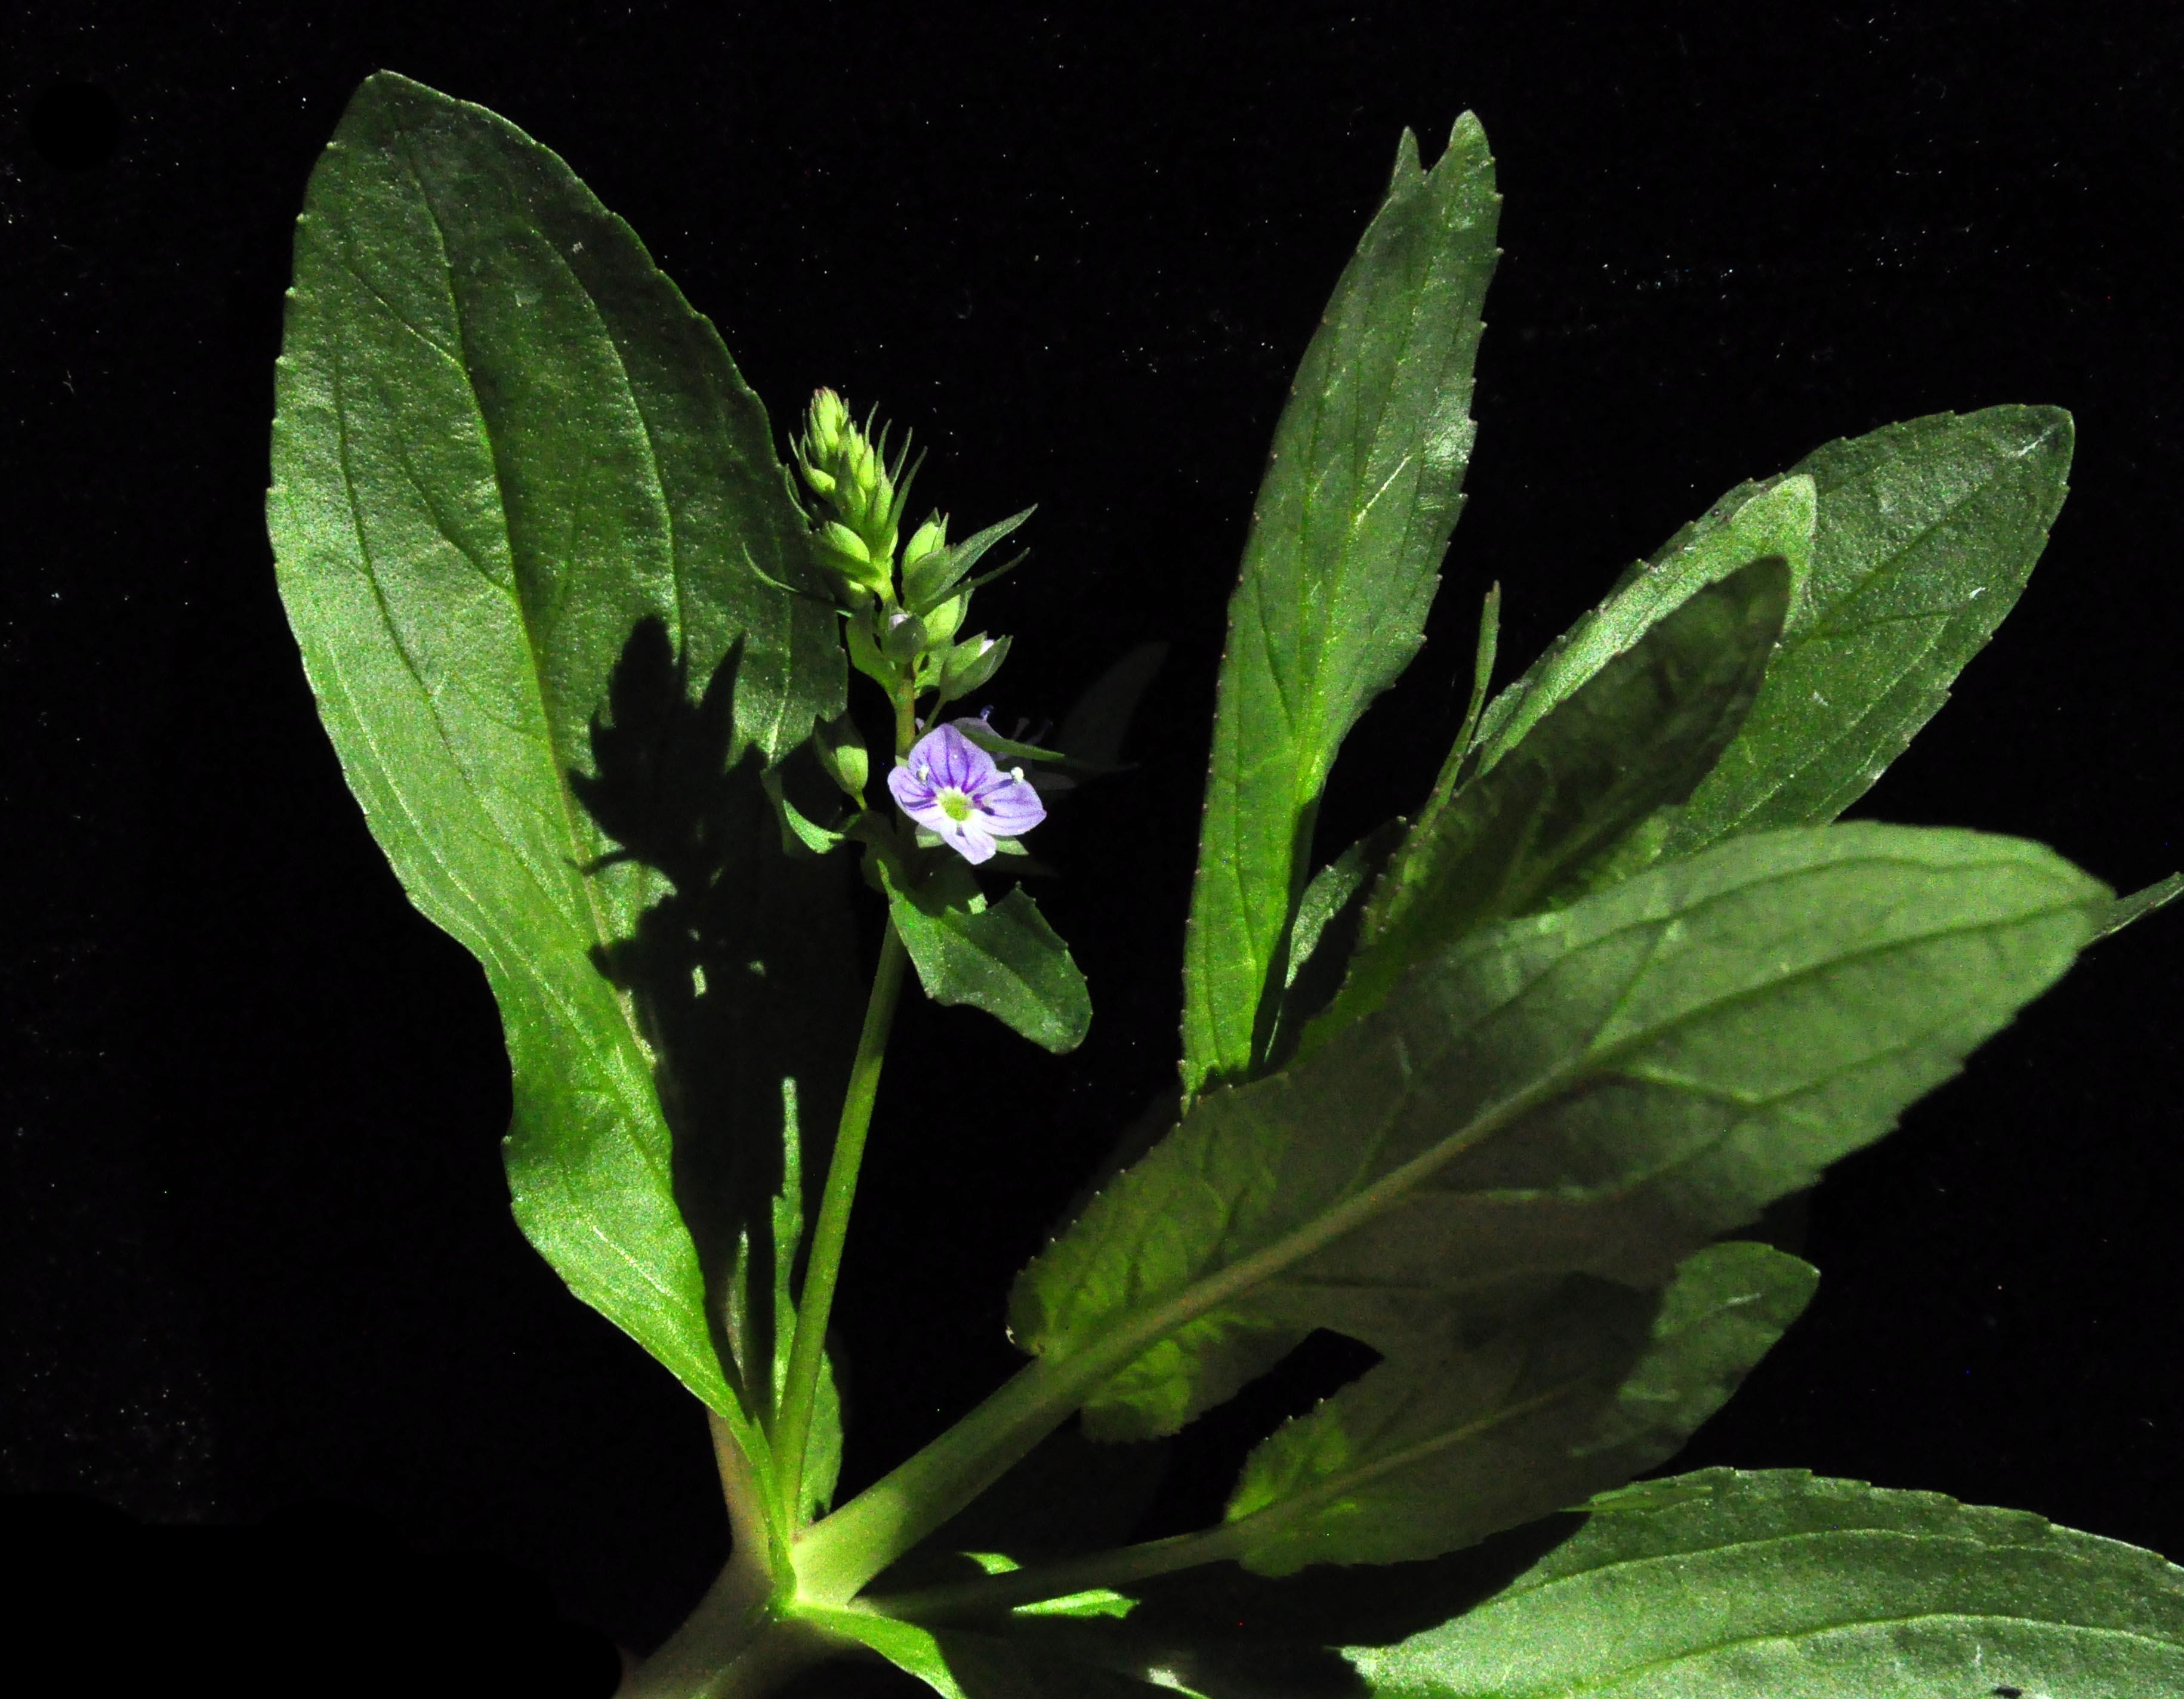 Frank s rose february 2015 blue flower izmirmasajfo